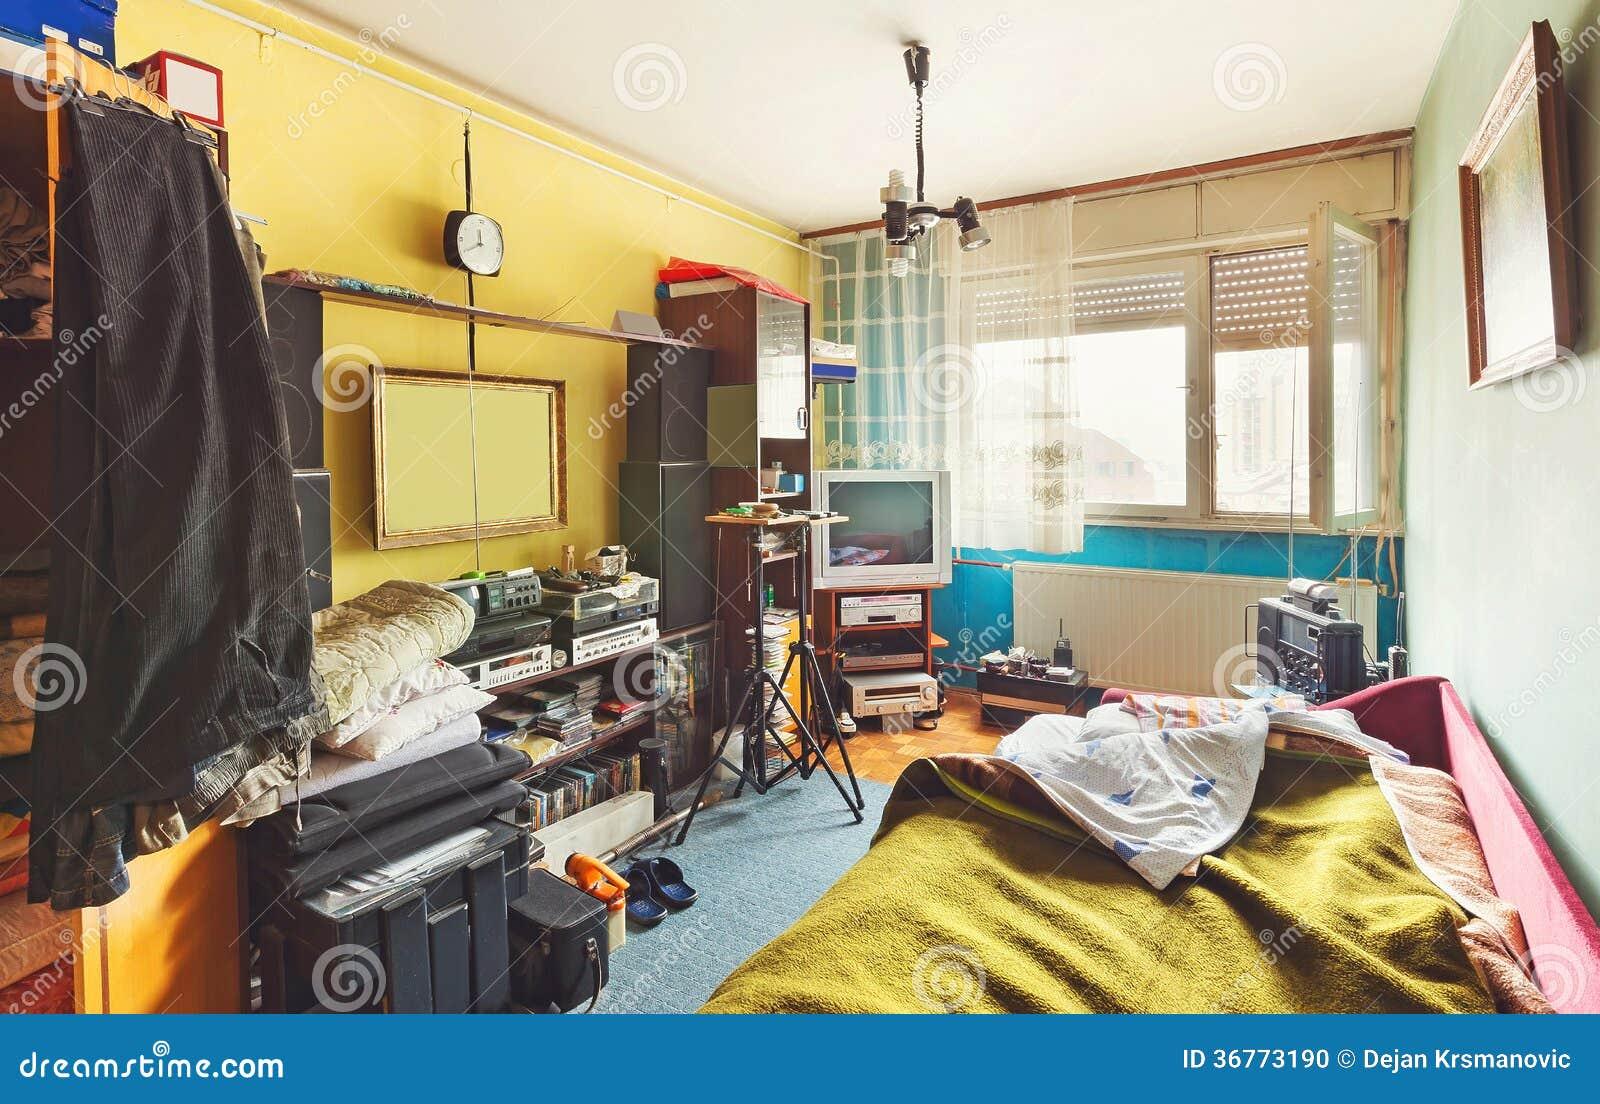 Ακατάστατο δωμάτιο